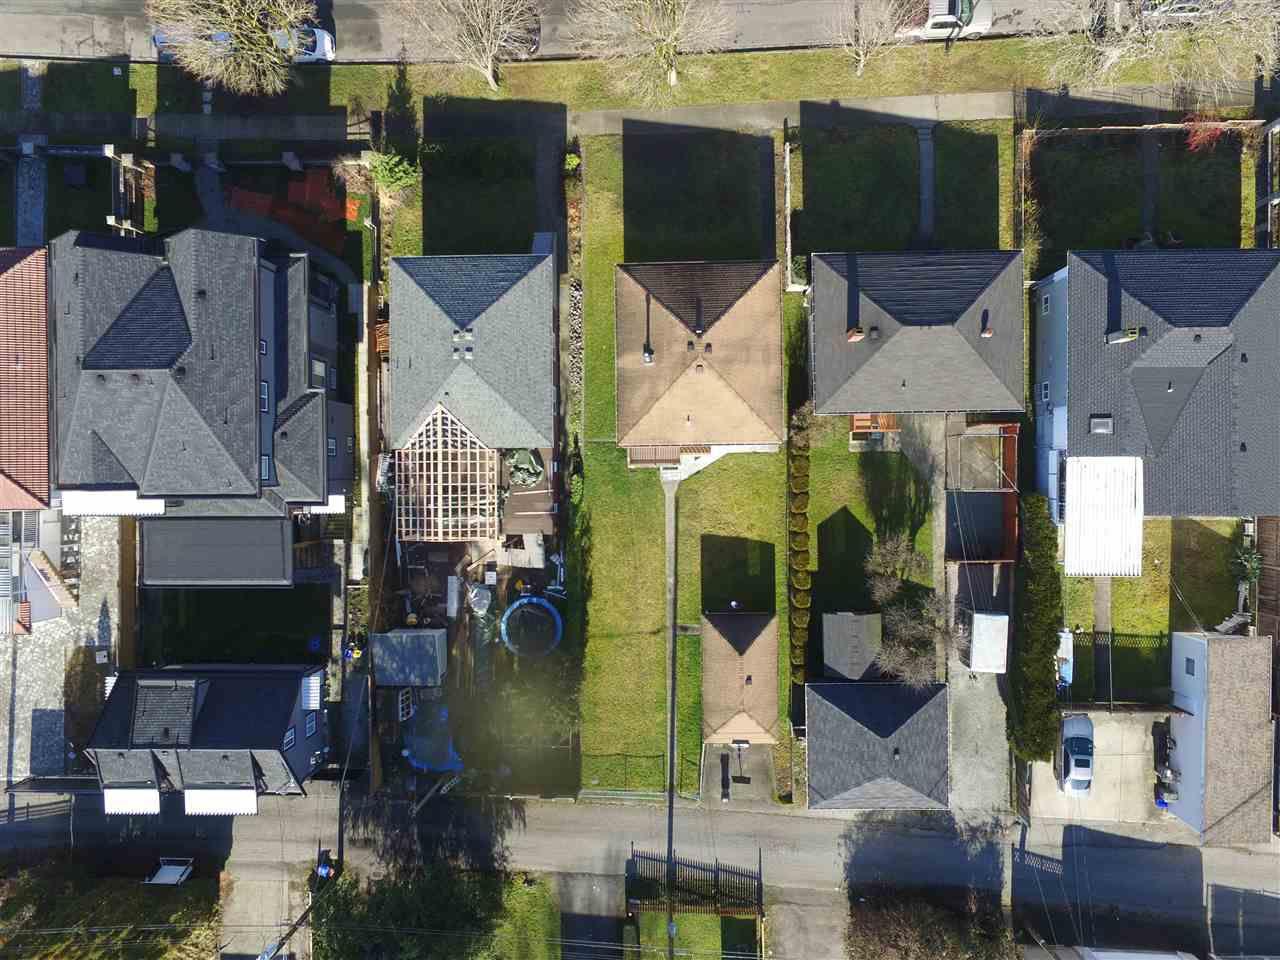 """Main Photo: 2842 E 43RD Avenue in Vancouver: Killarney VE House for sale in """"KILLARNEY"""" (Vancouver East)  : MLS®# R2338958"""